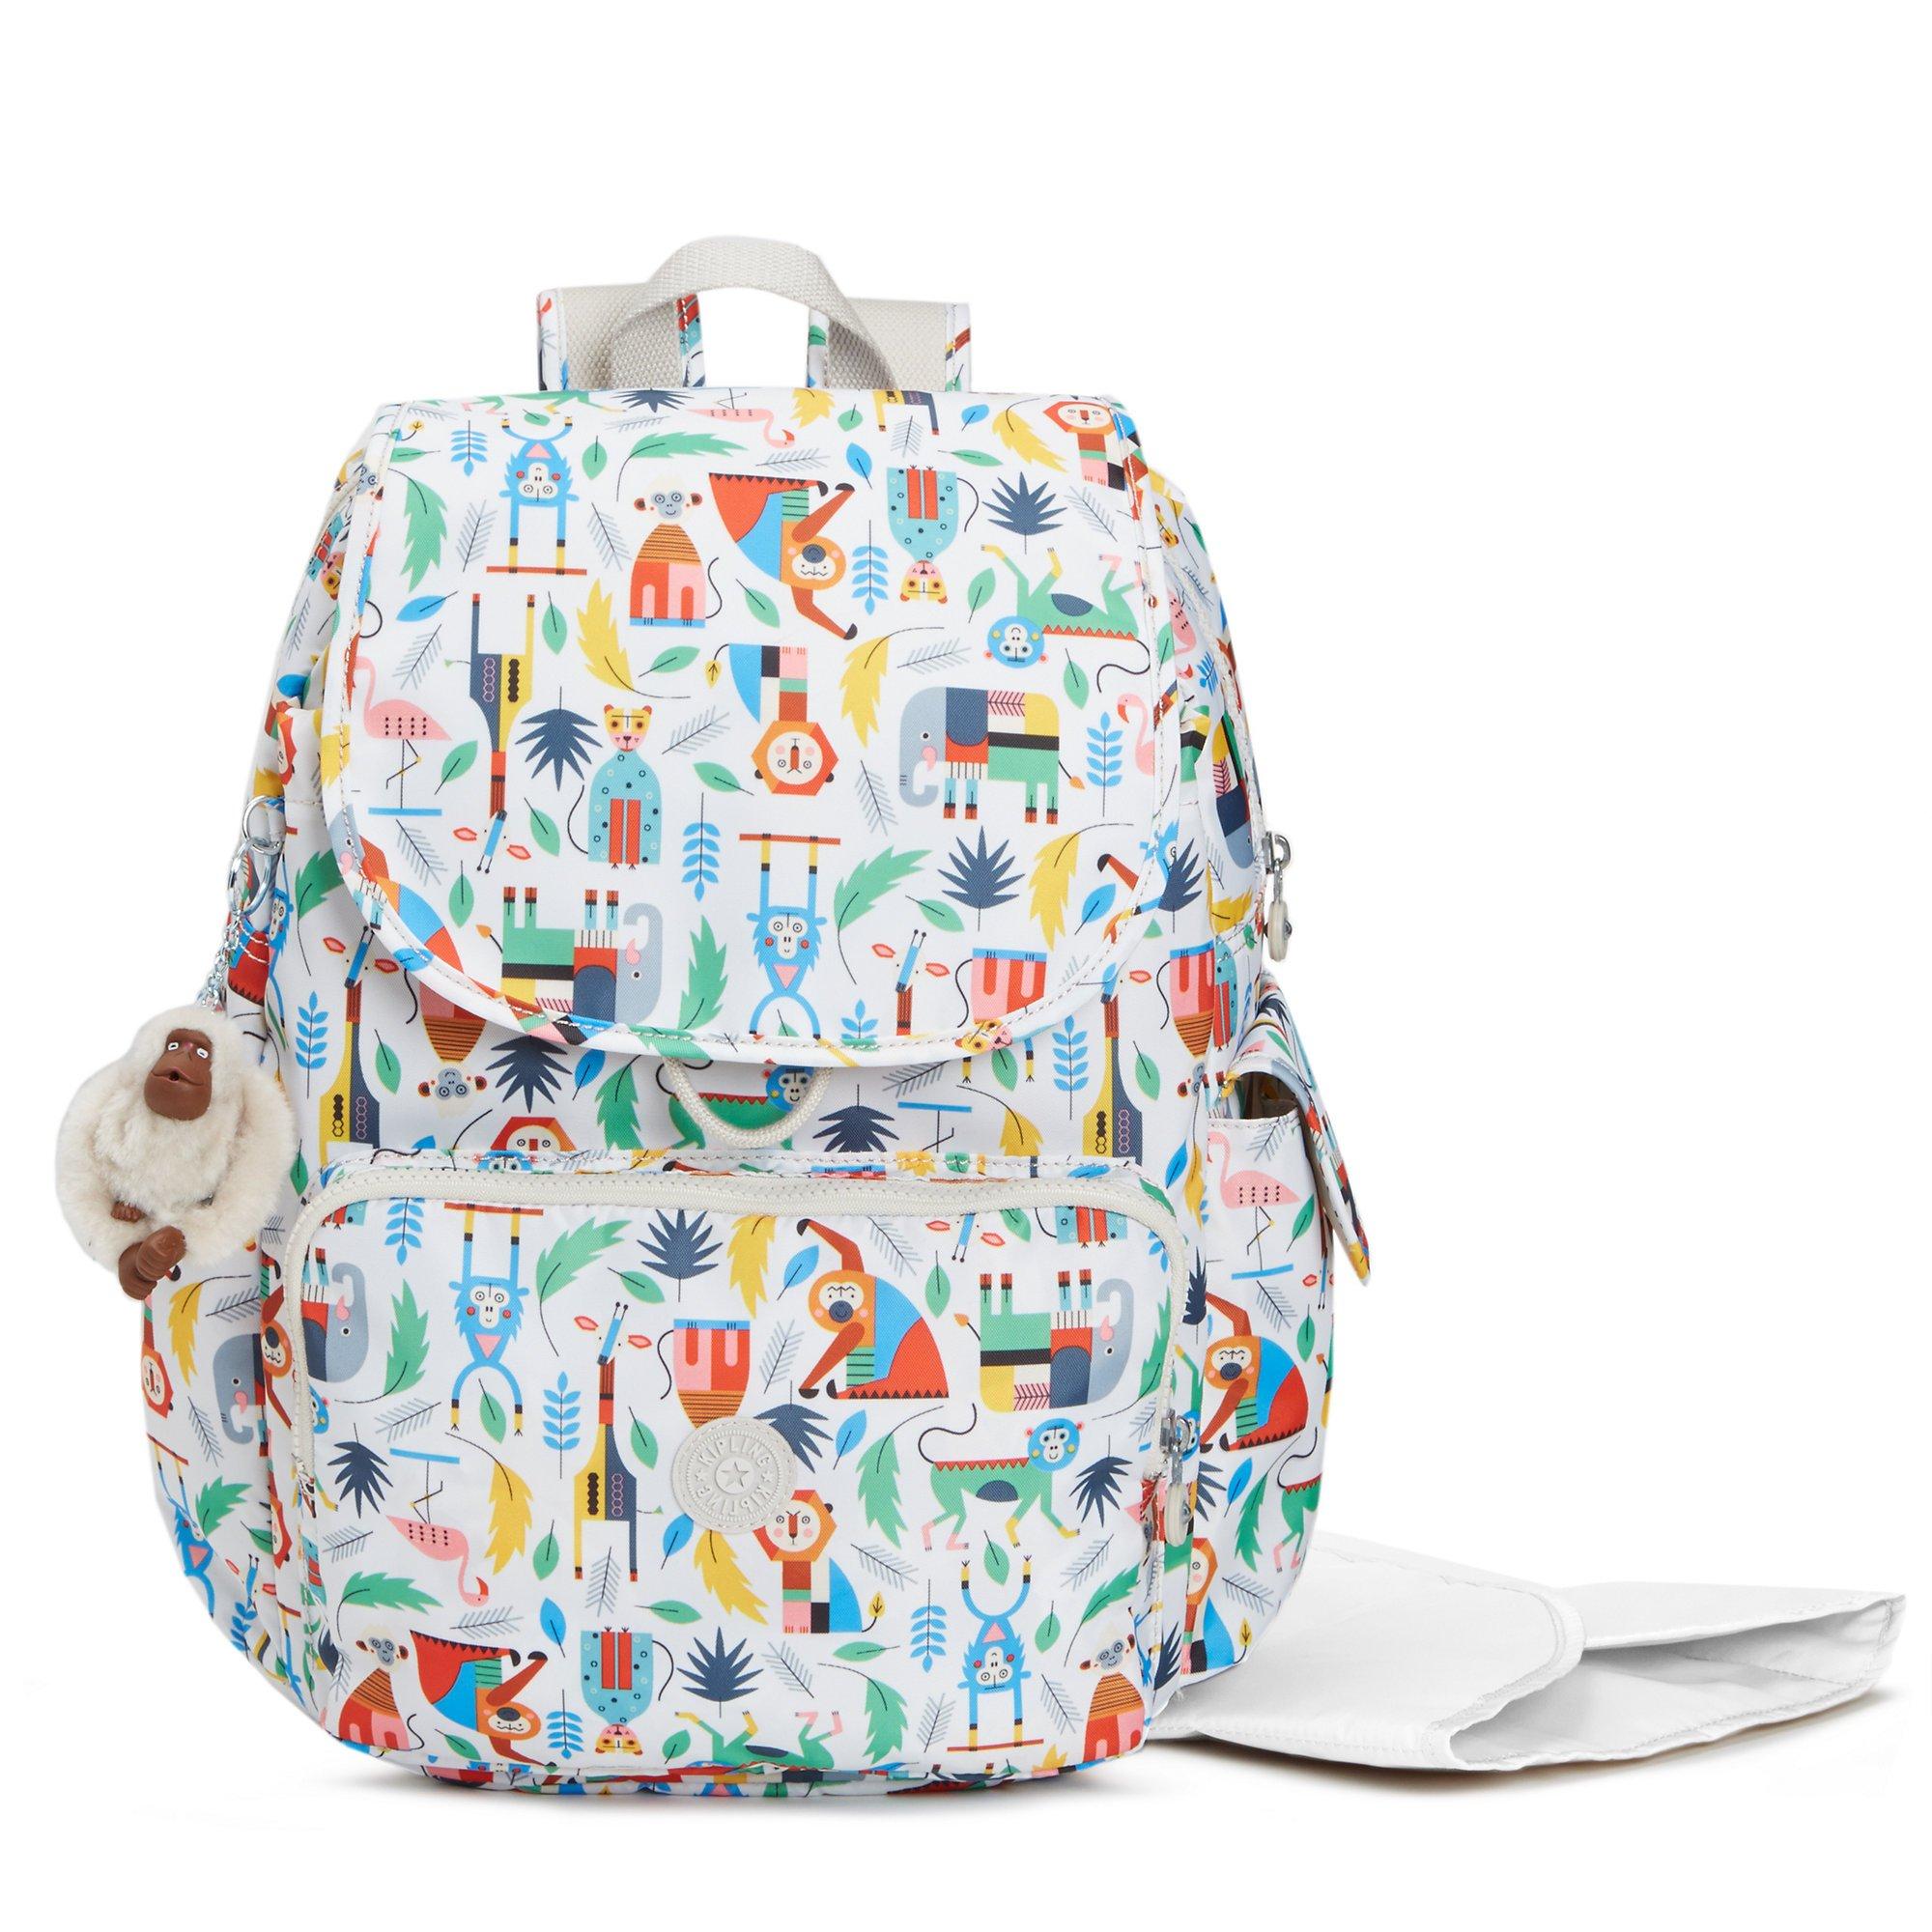 Kipling Women's Baby Printed Backpack Diaper Bag One Size Bundle Of Love